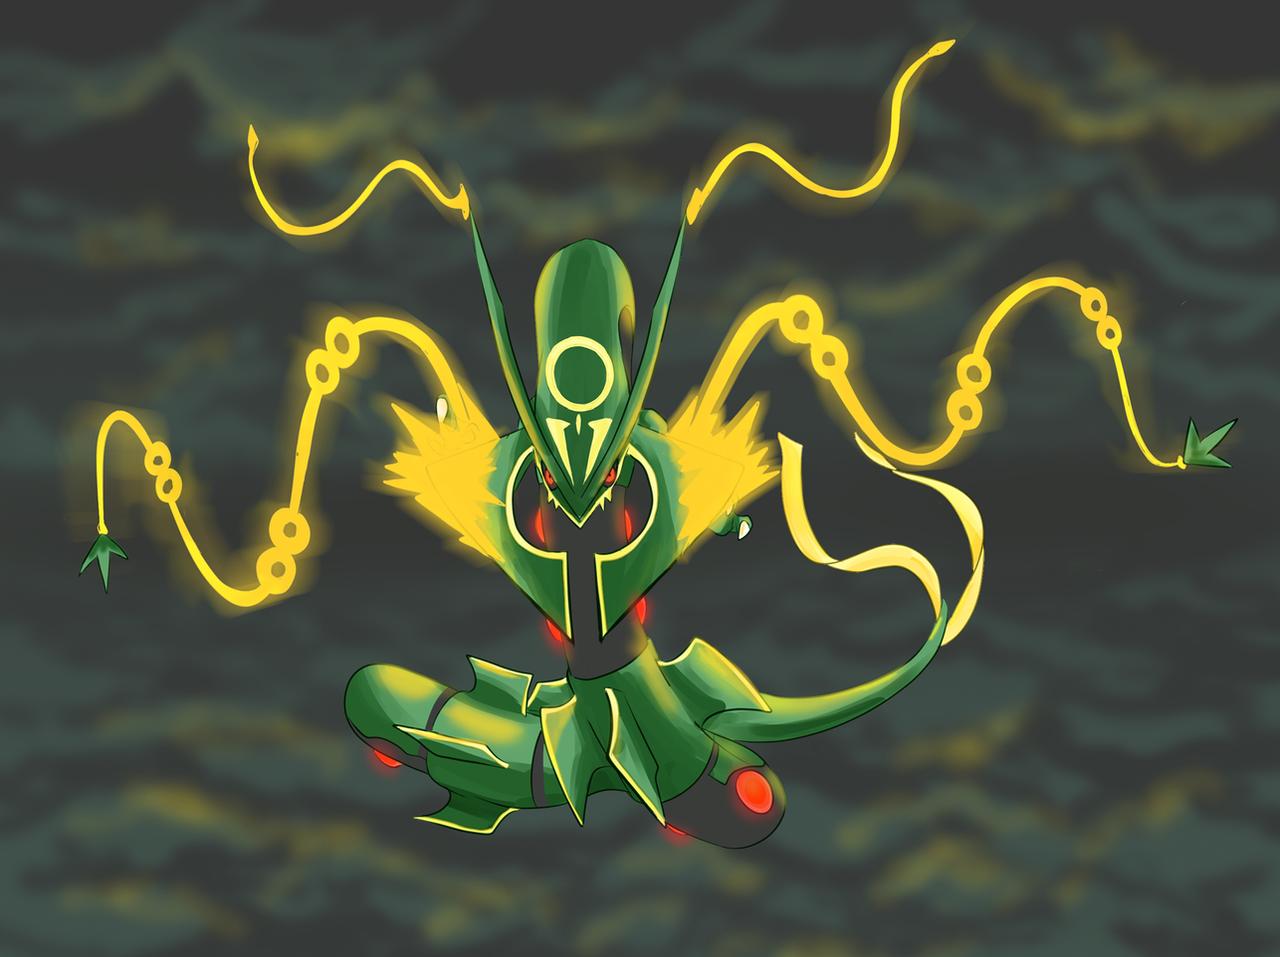 Mega Rayquaza by shinyscyther on DeviantArt